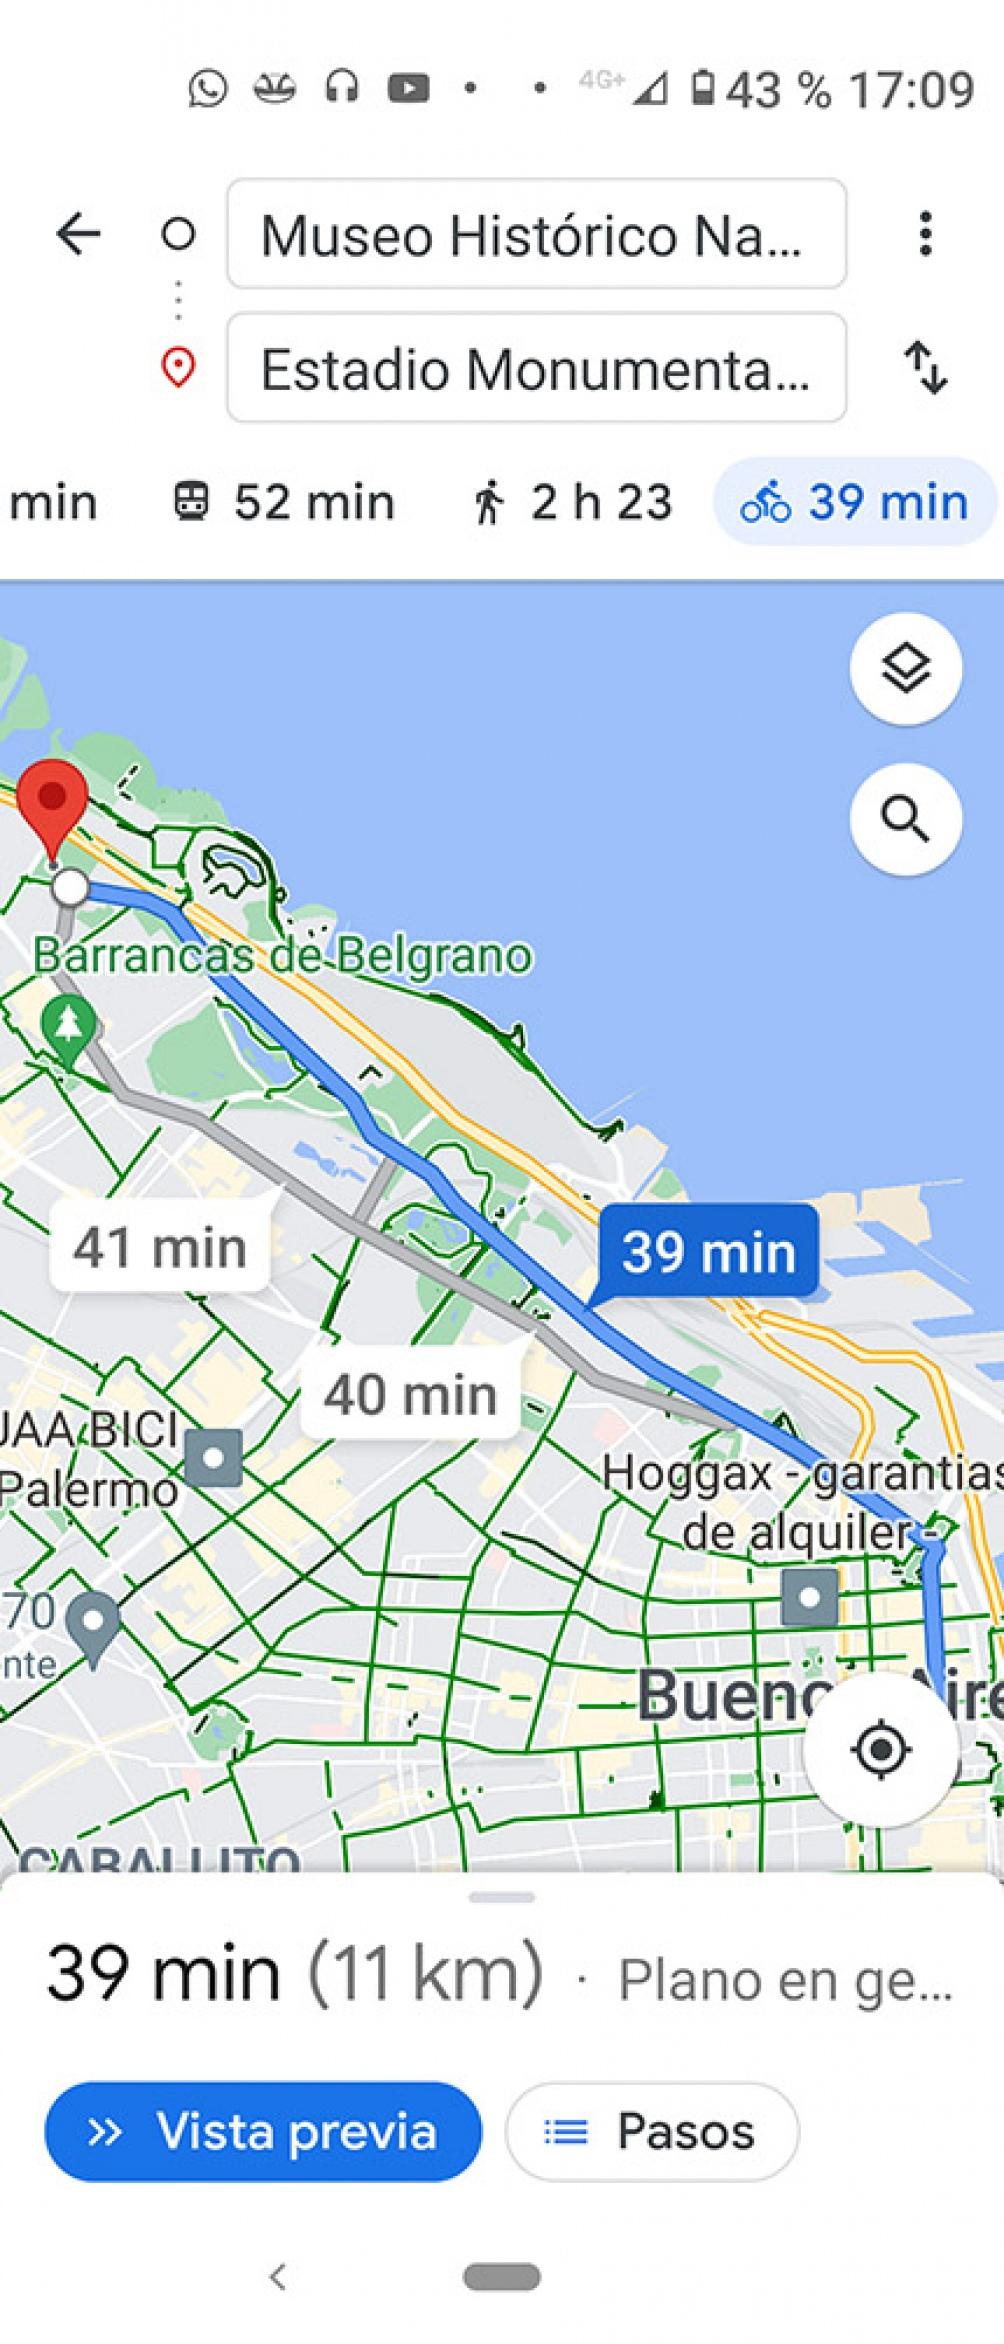 En horas pico, viajar desde el microcentro a Núñez es casi quince minutos más rápido en bicicleta que en transporte público.